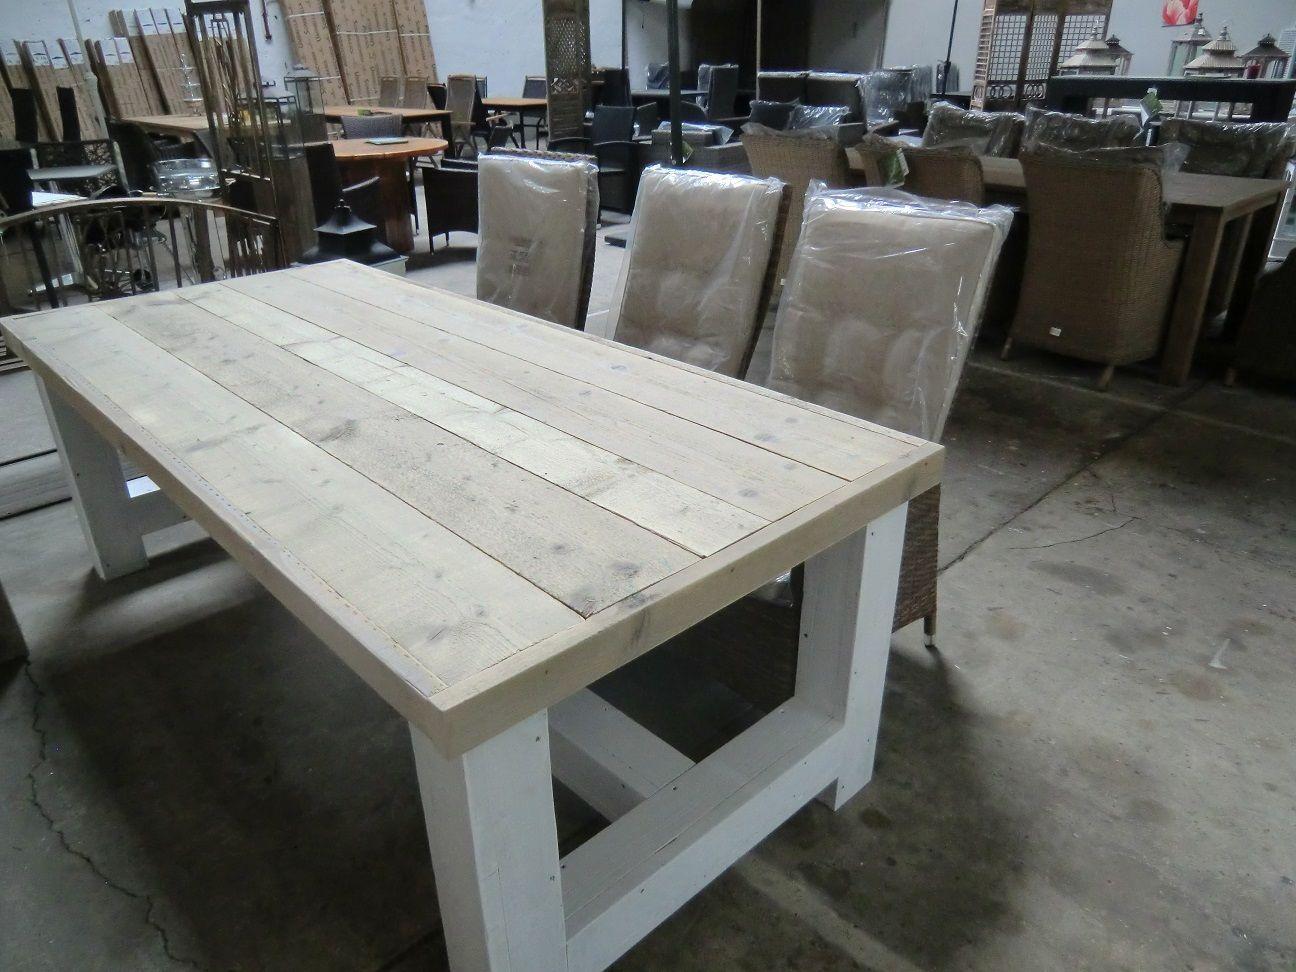 Ladenbau Tisch Bauholz Esstisch Gartentisch möbel